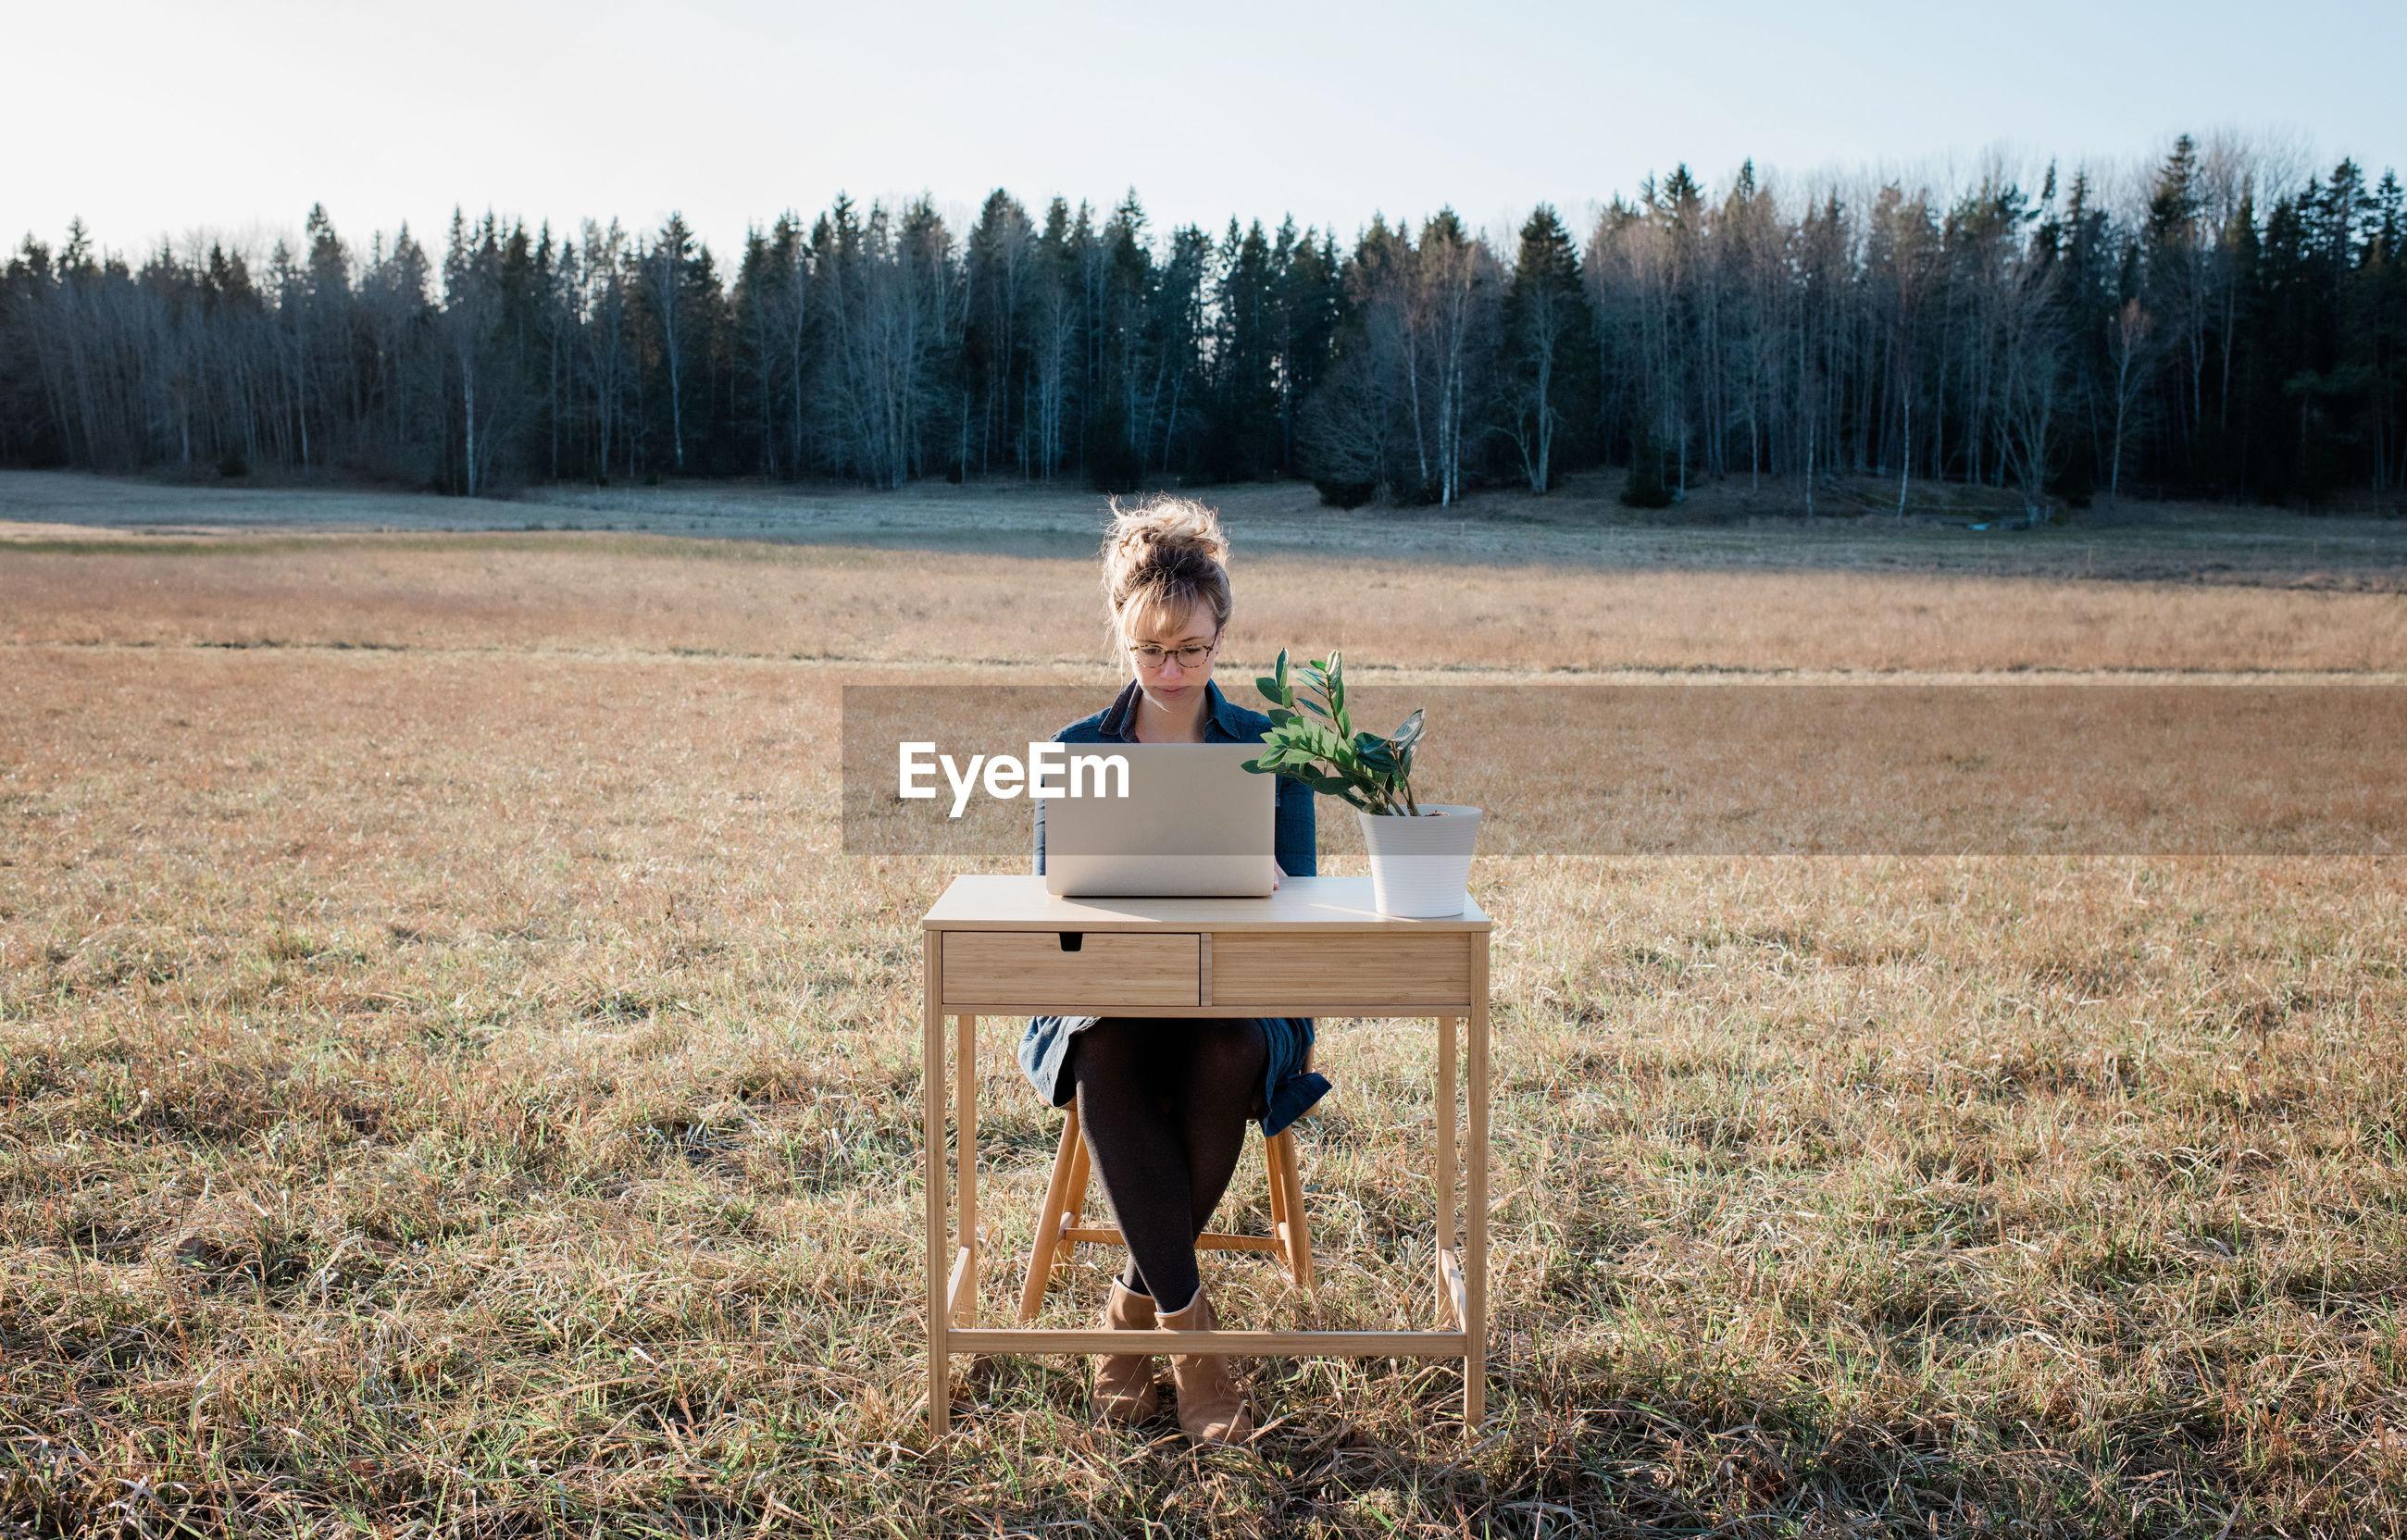 WOMAN SITTING ON SEAT IN FIELD